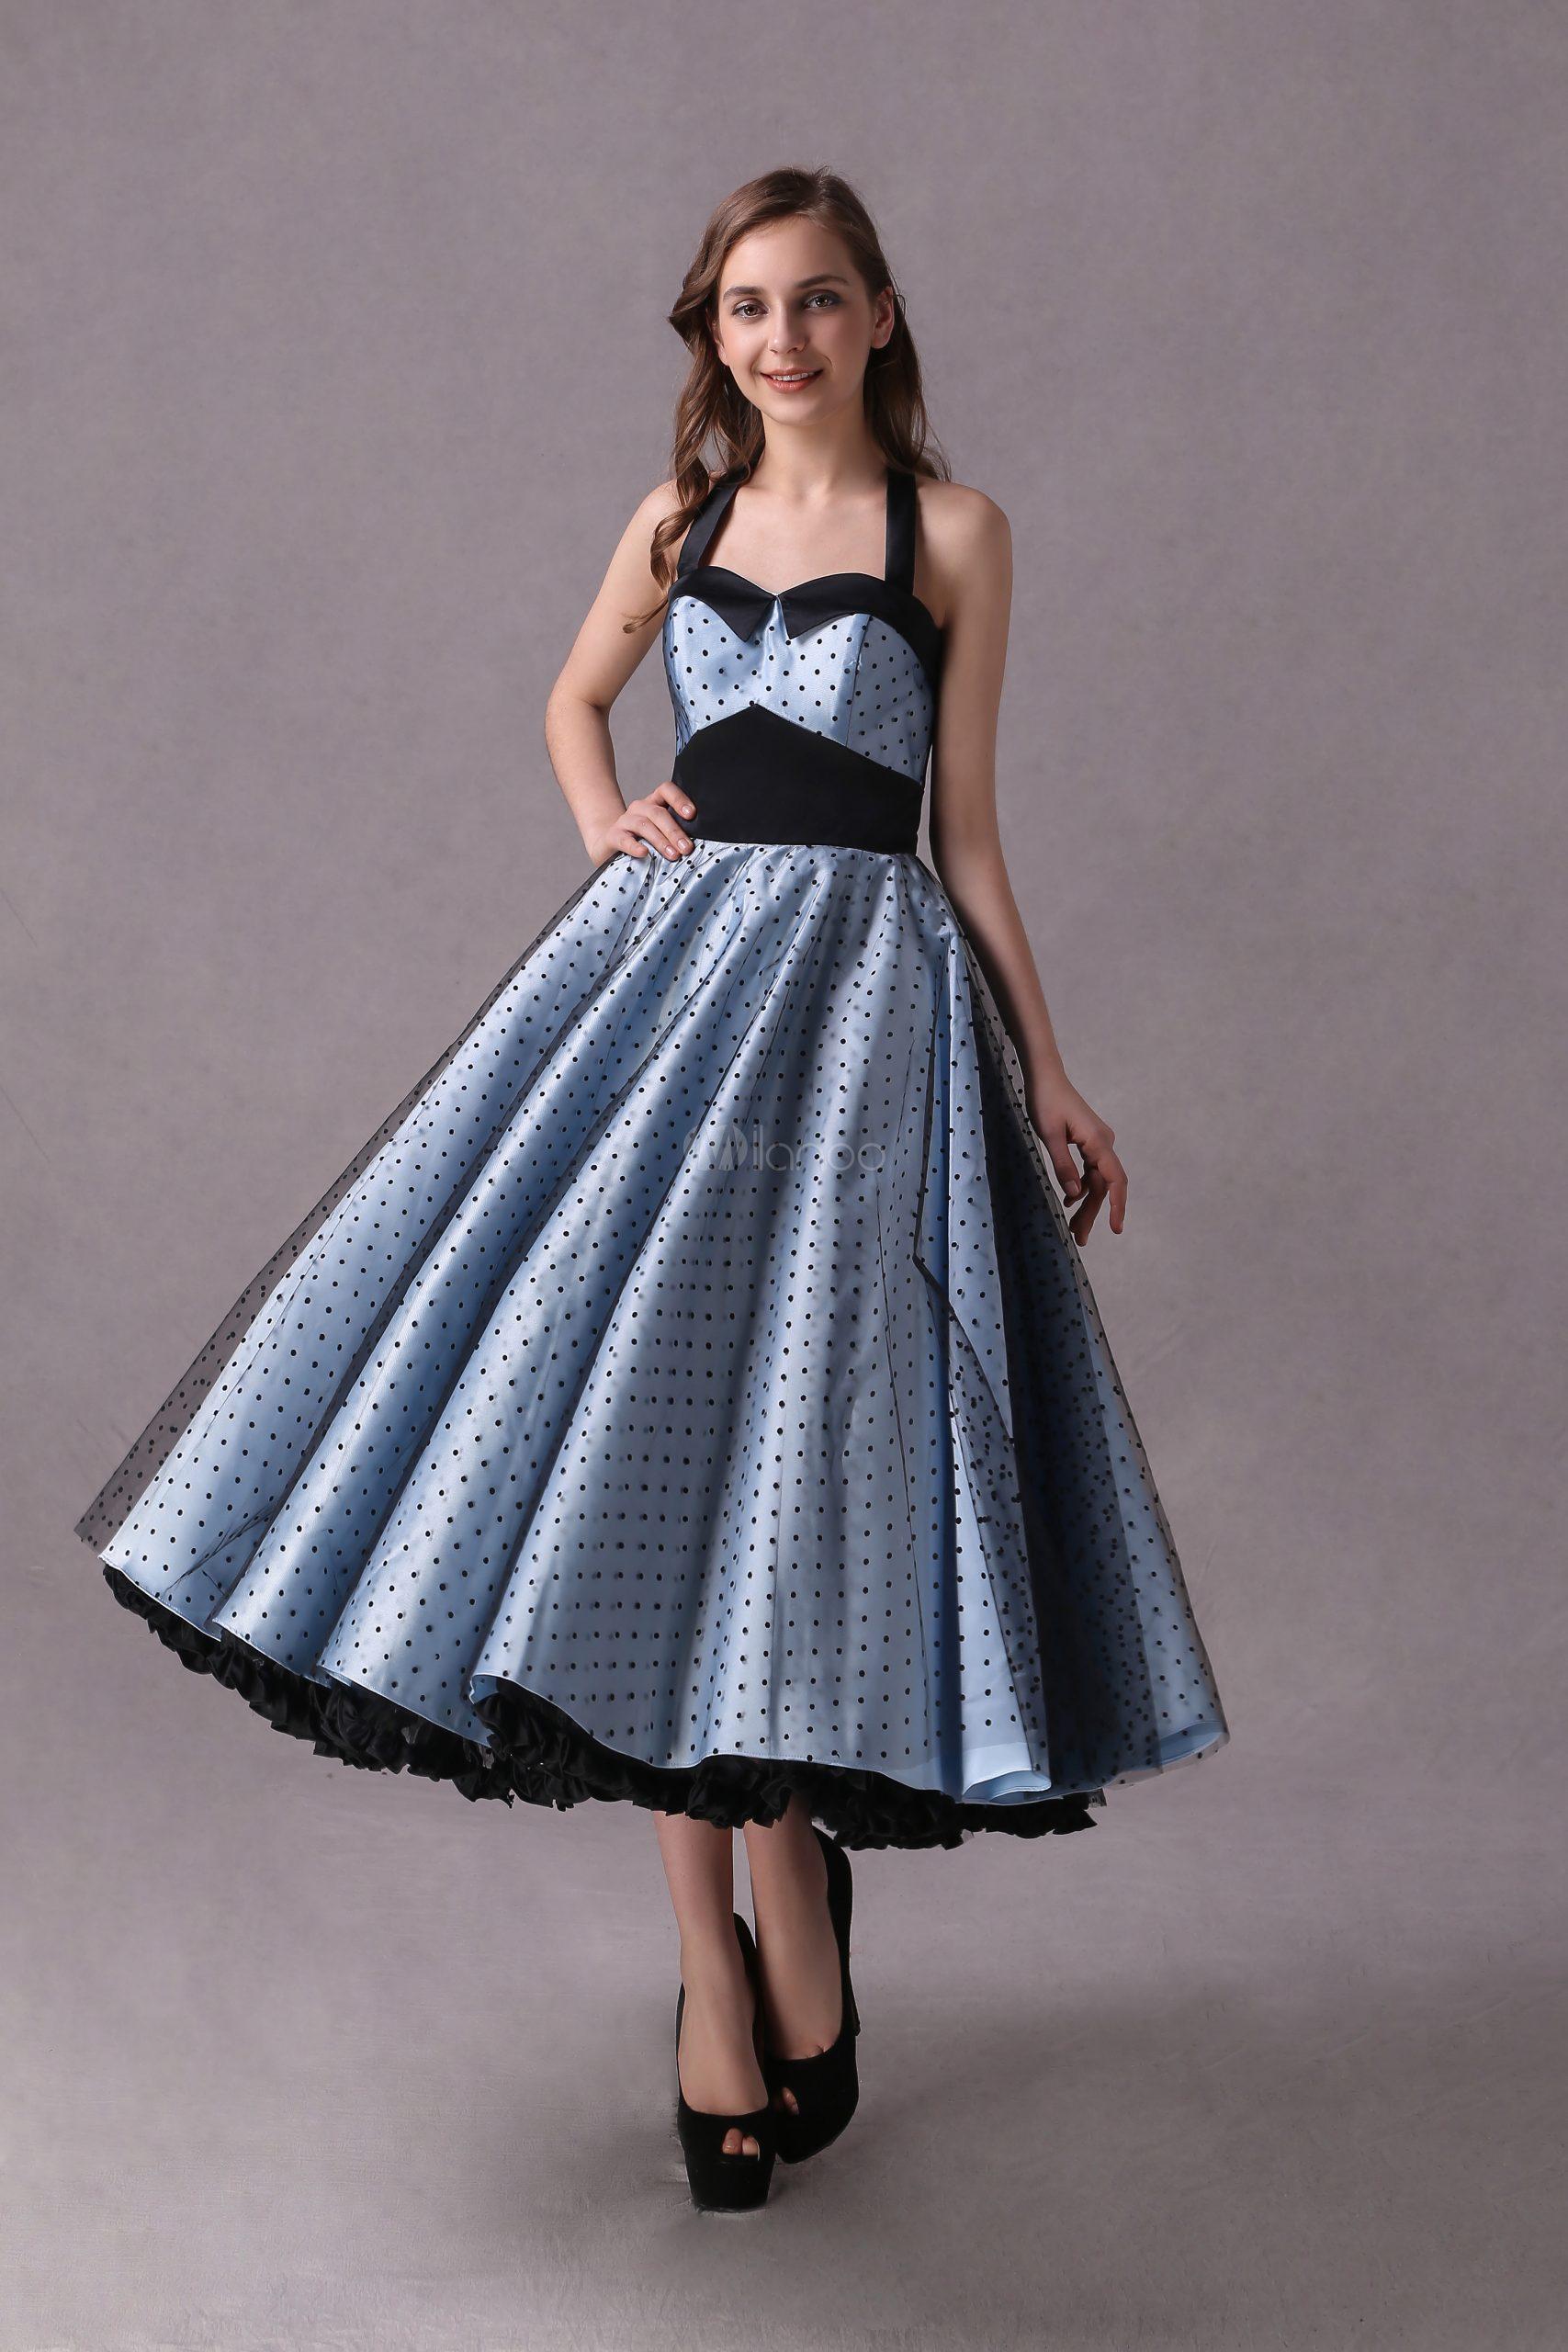 Платья Подружки Невесты Рокабилли Короткие Baby Blue Polka Dot Версия Для  Печати Halter Tea Length Vintage Wedding Party Dresses